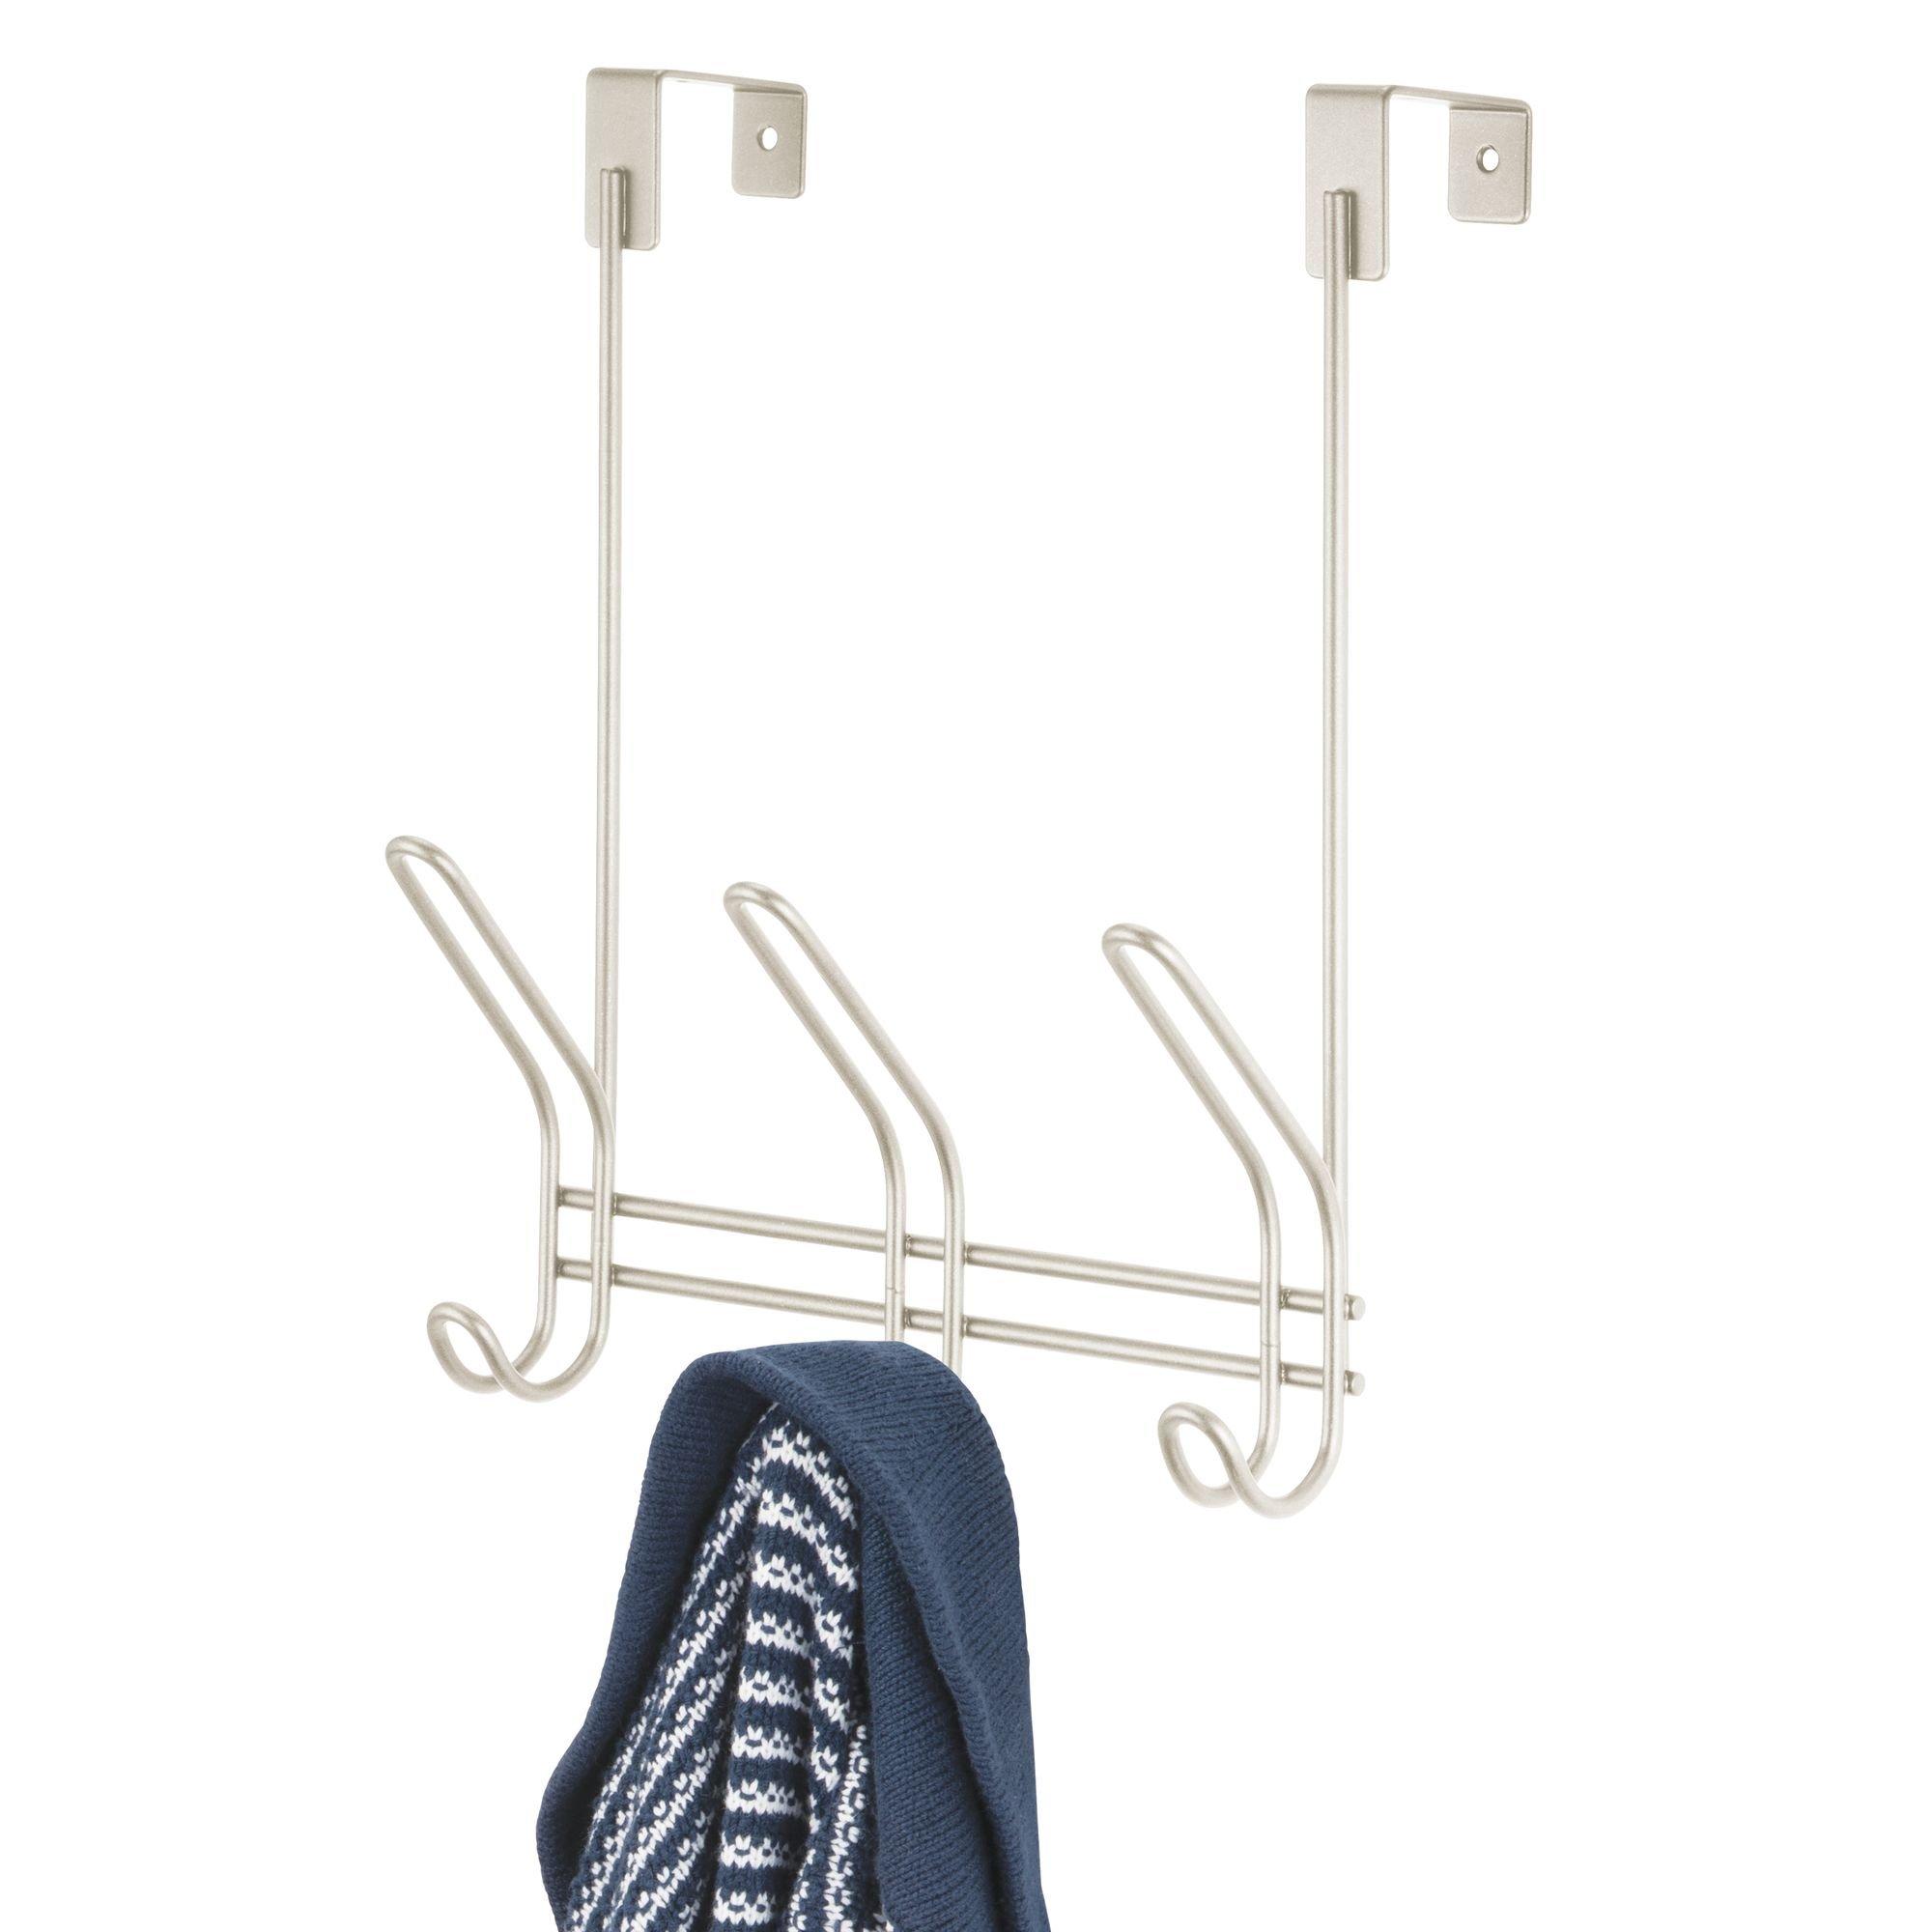 Attaccapanni Per Porta.Mdesign Appendiabiti Per Porta In Metallo Pratico Appendi Cappotti Giacche E Cappelli Attaccapanni Da Porta Con 3 Doppi Ganci Ideale Per La